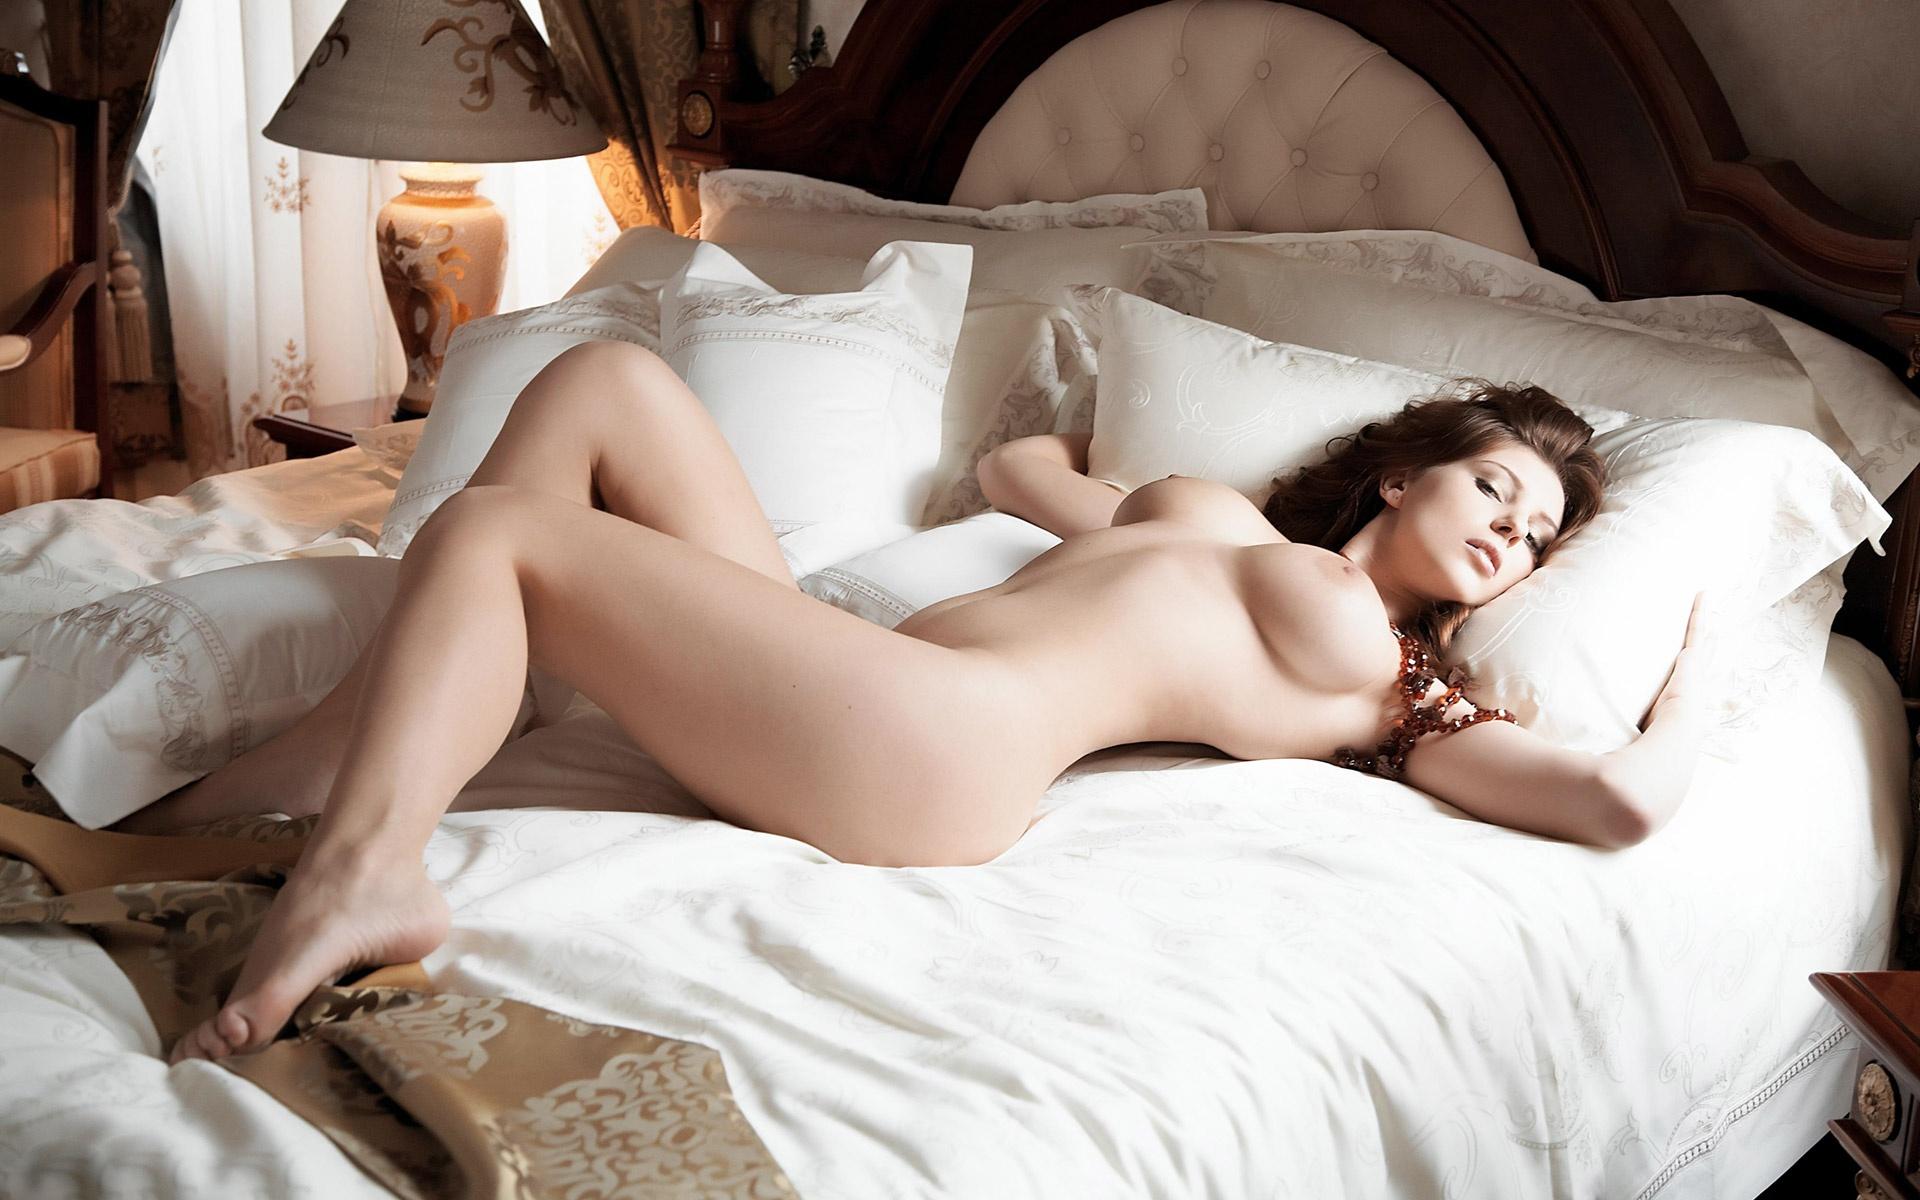 Nude old men porn